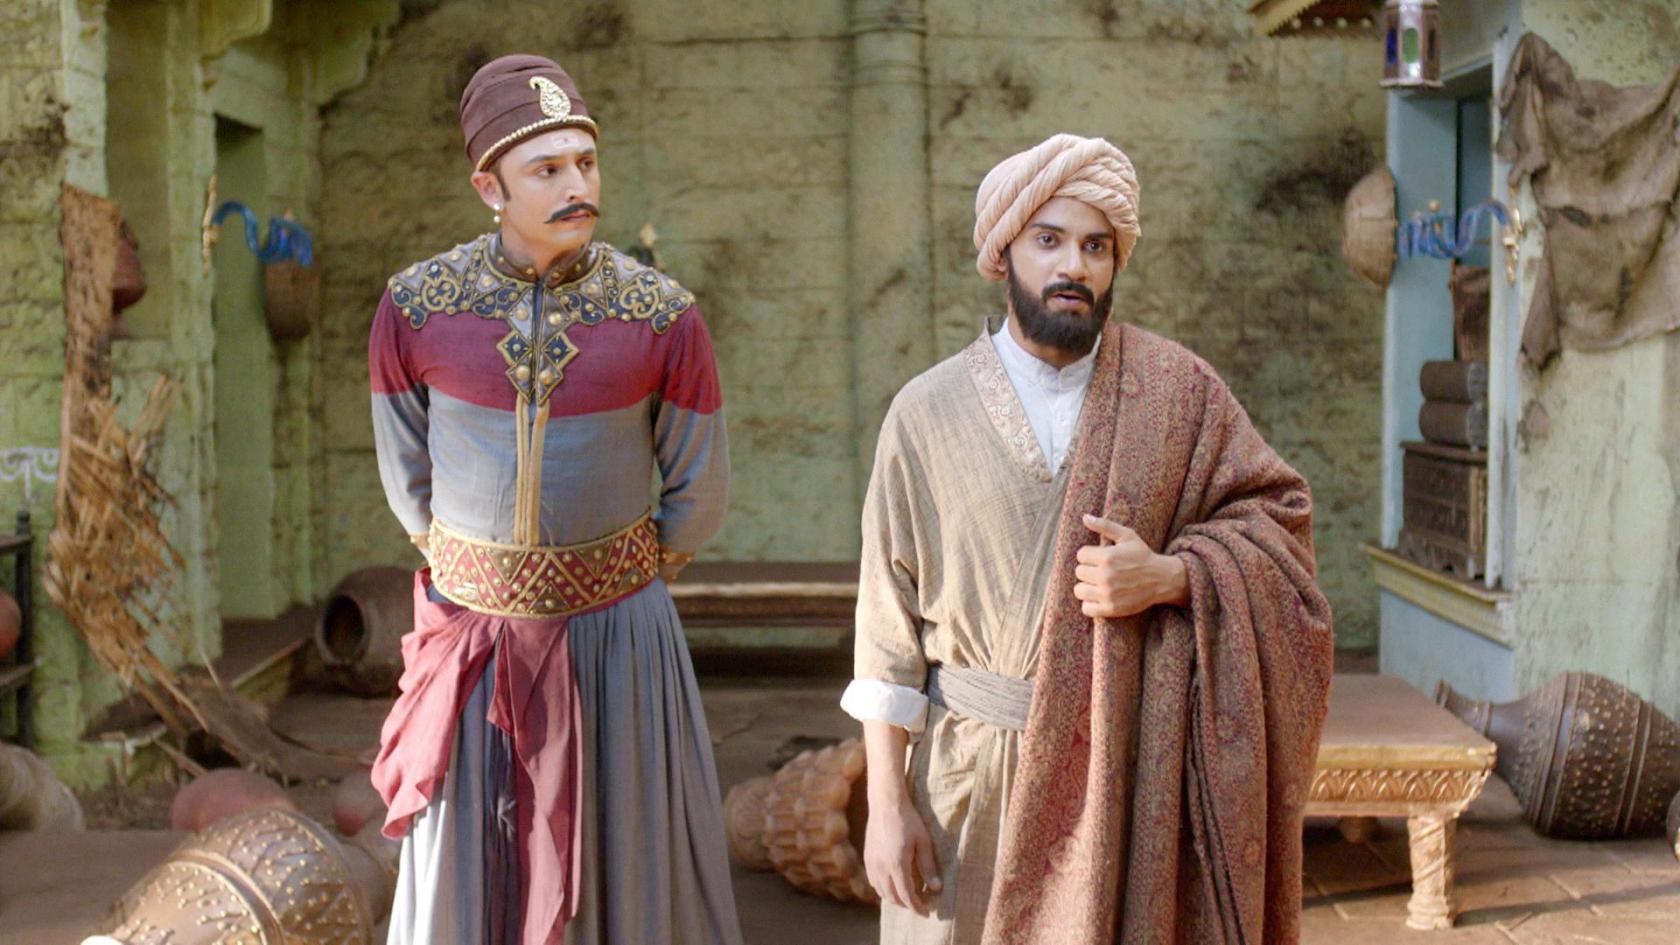 Jhansi Ki Rani Cast, Story, Wiki, Images, Promo, Timings